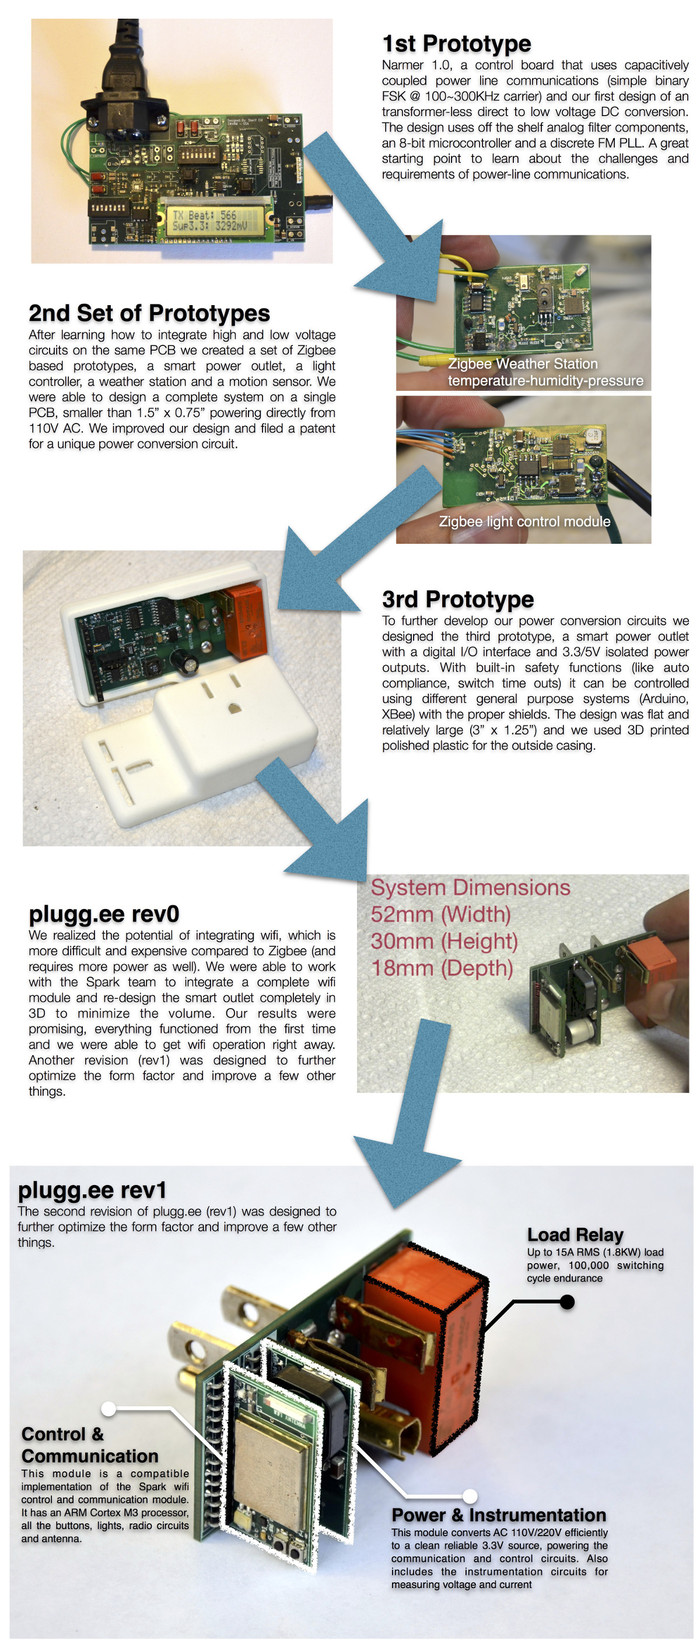 plugg.ee's prototyping progress